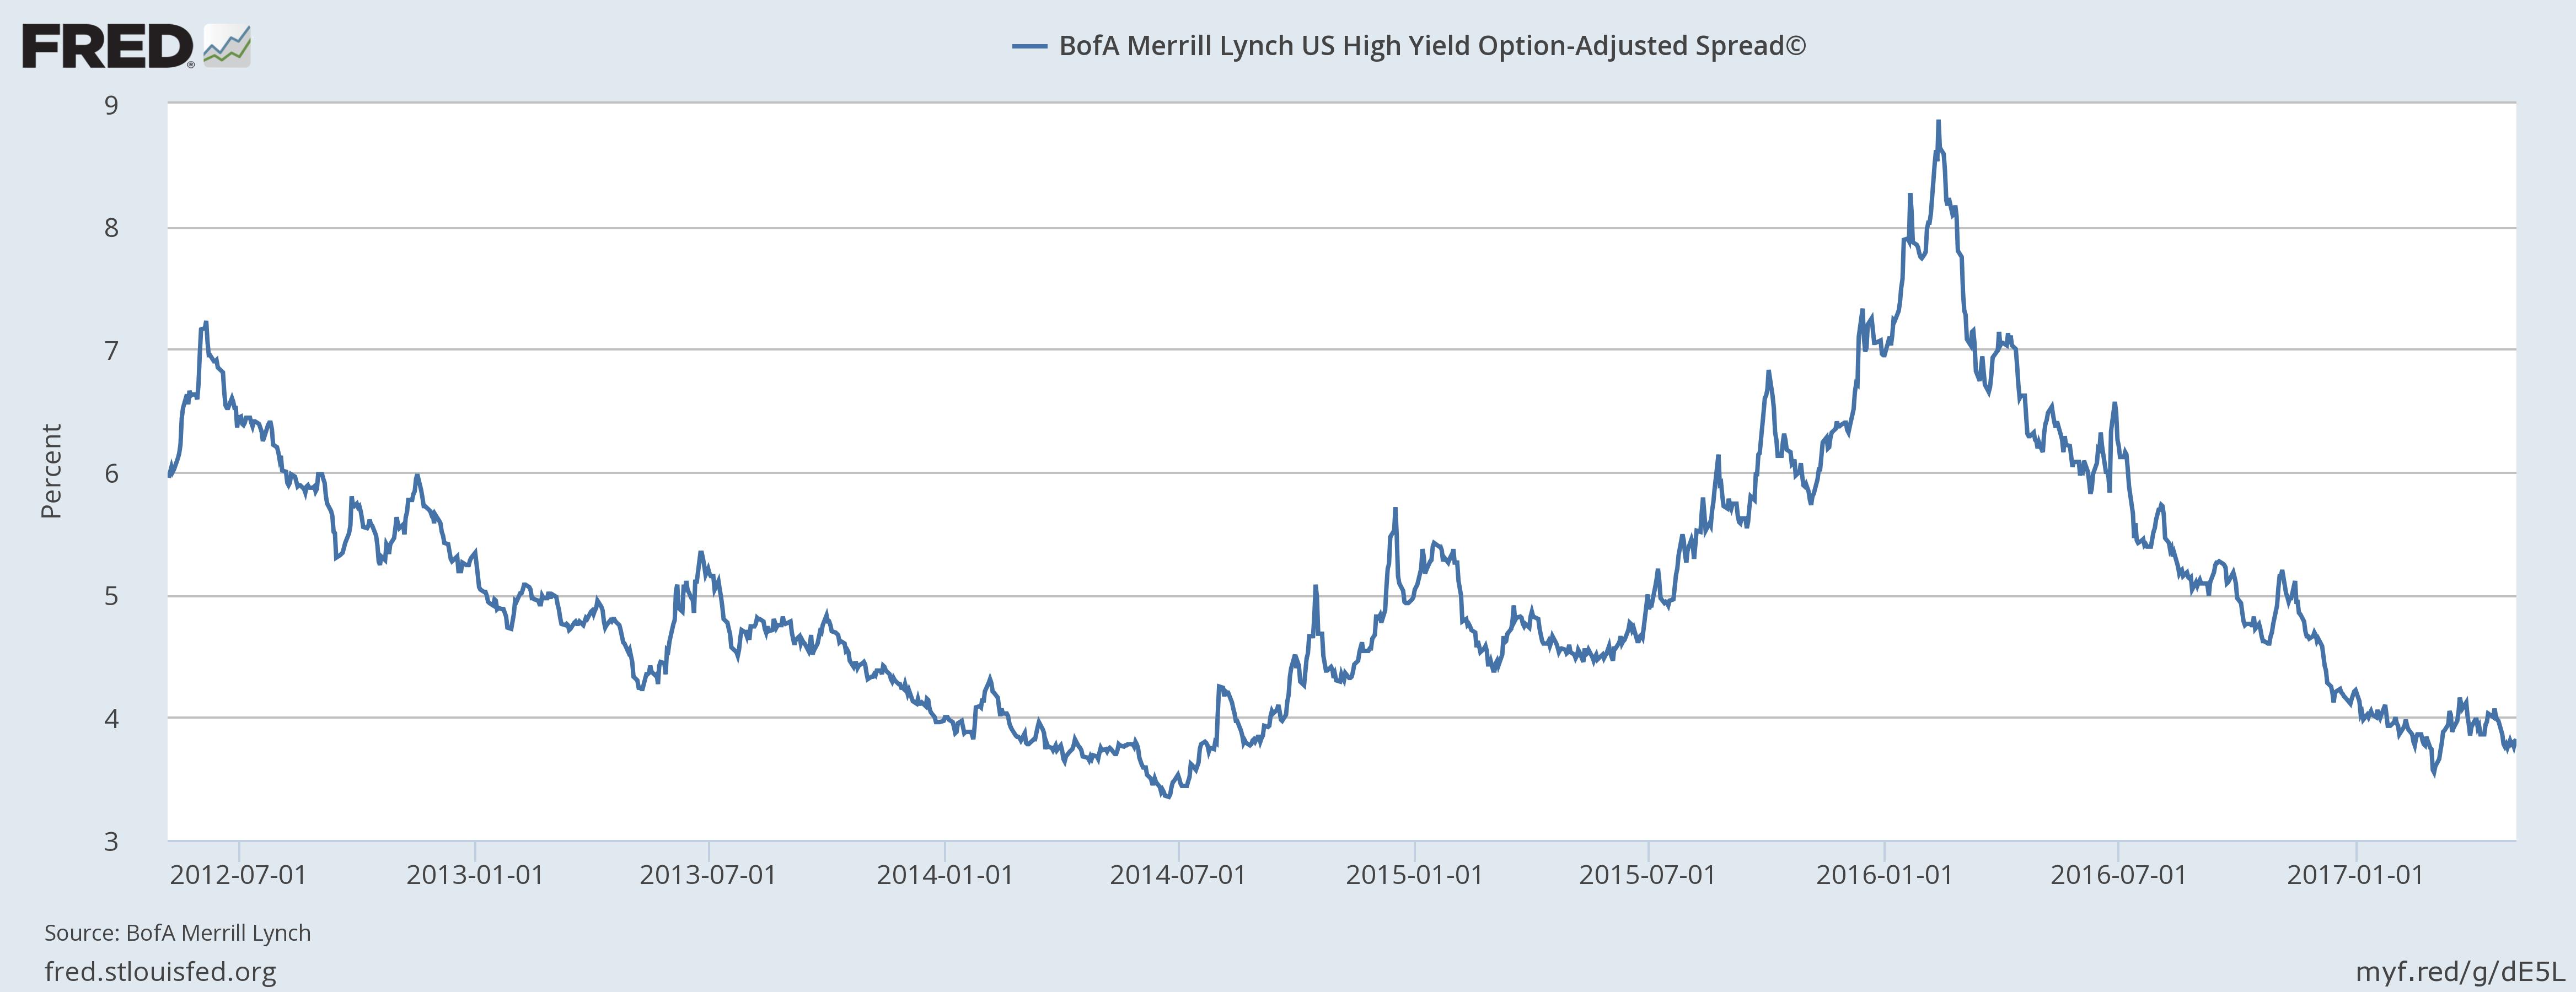 BofA Marrill Lynch US High Yield Option-Adjusted Spread 2012-2017